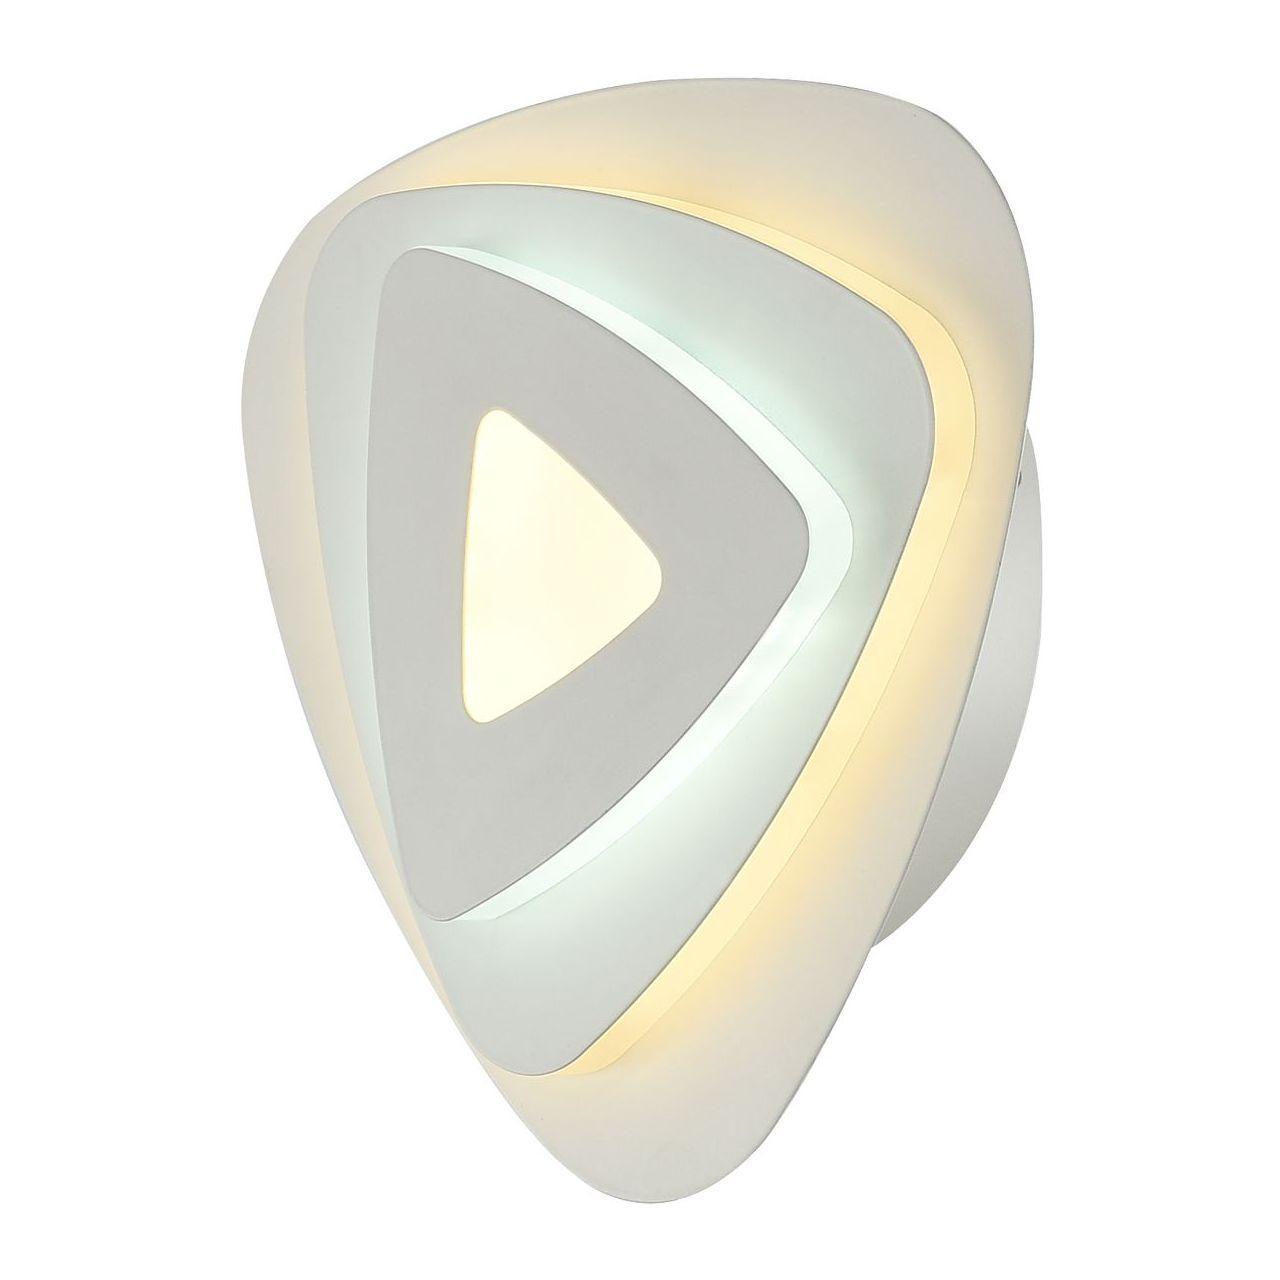 Настенный светодиодный светильник F-Promo Ledolution 2288-1W все цены